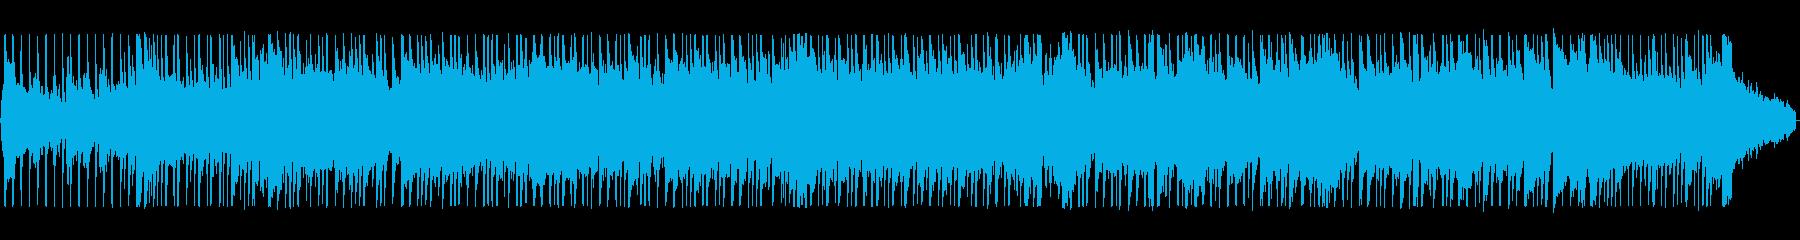 ゆったりした懐かしいシンセサイザーの曲の再生済みの波形